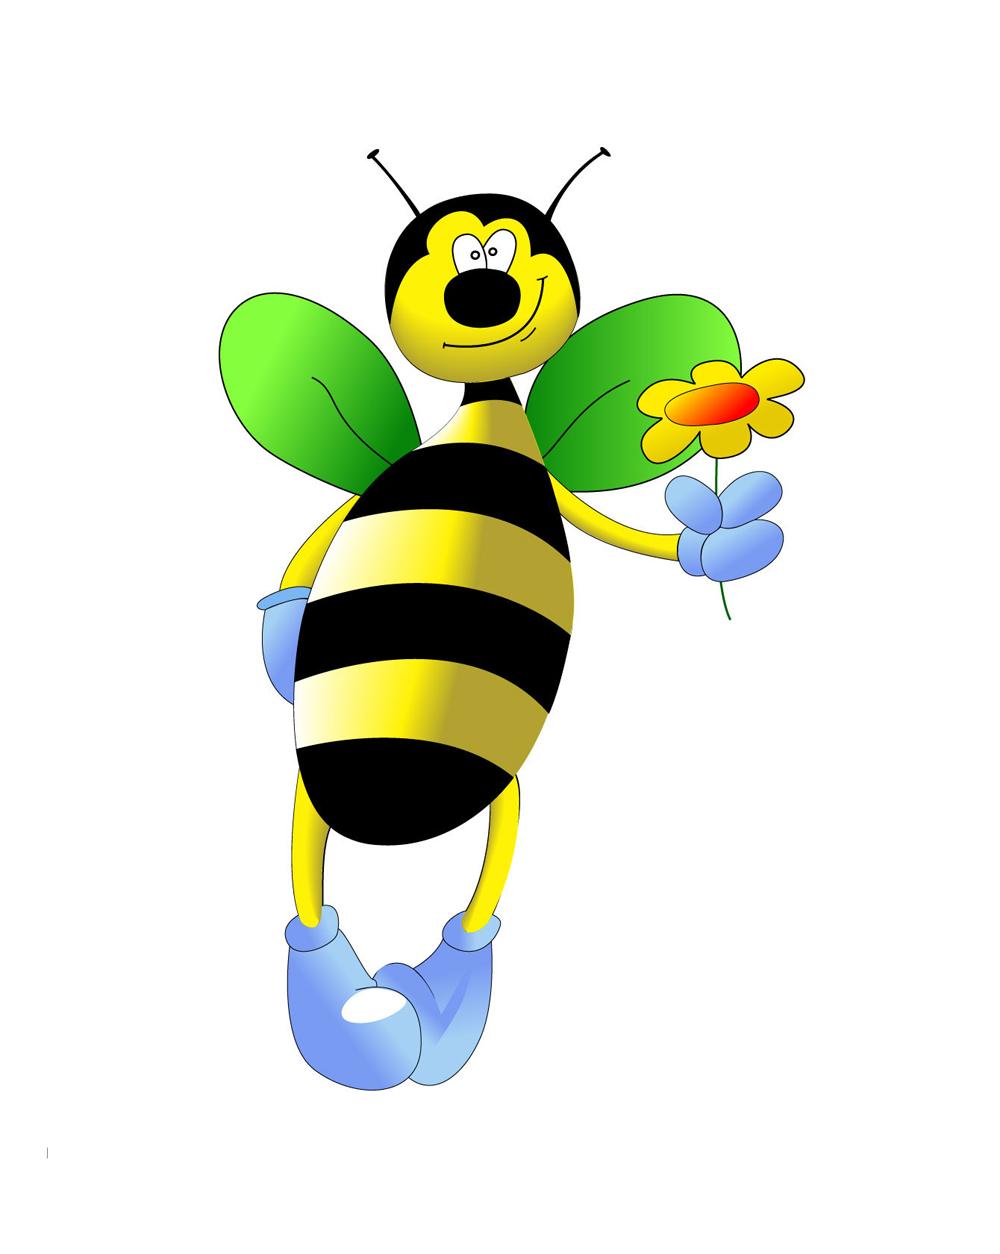 произвела большое картинка пчелы для игры блаженная прожила